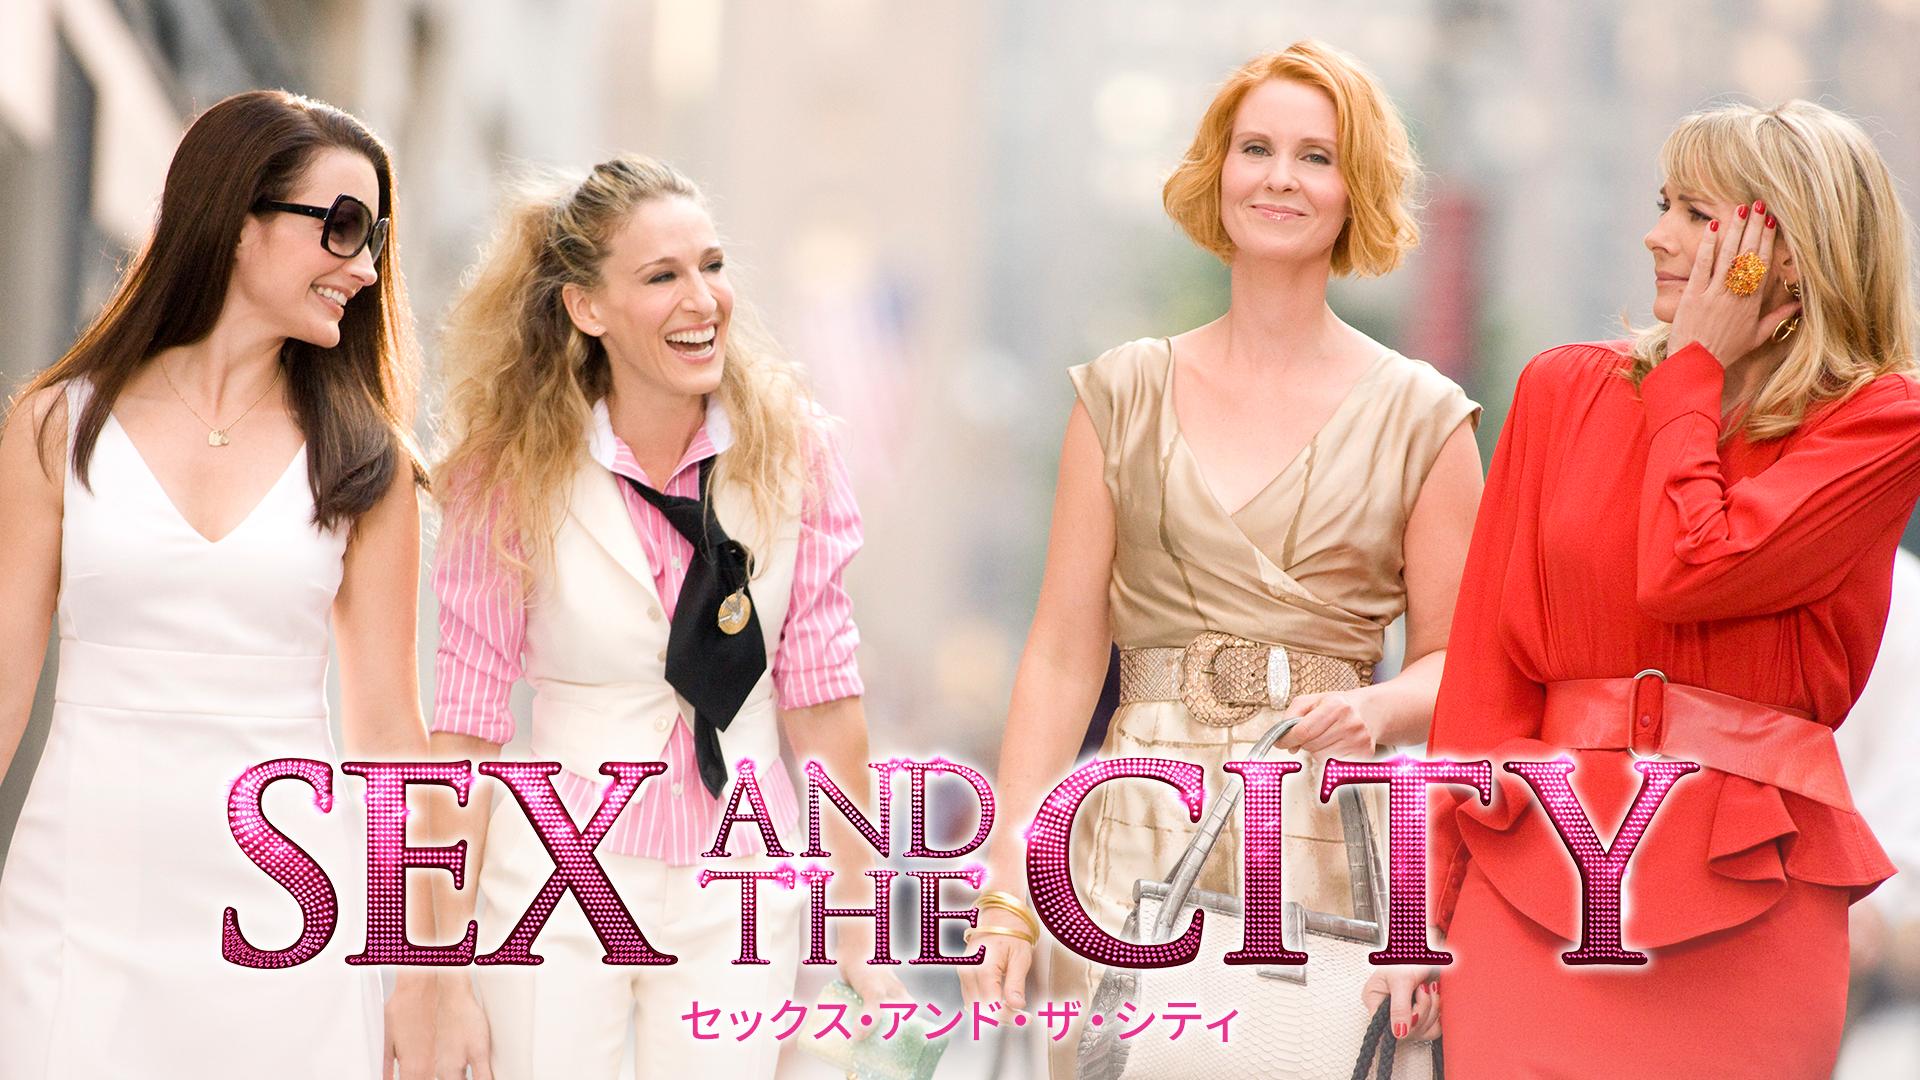 映画『SEX AND THE CITY セックス・アンド・ザ・シティ』フル動画を無料視聴なら動画配信サービス!あらすじ・字幕・吹替まとめ